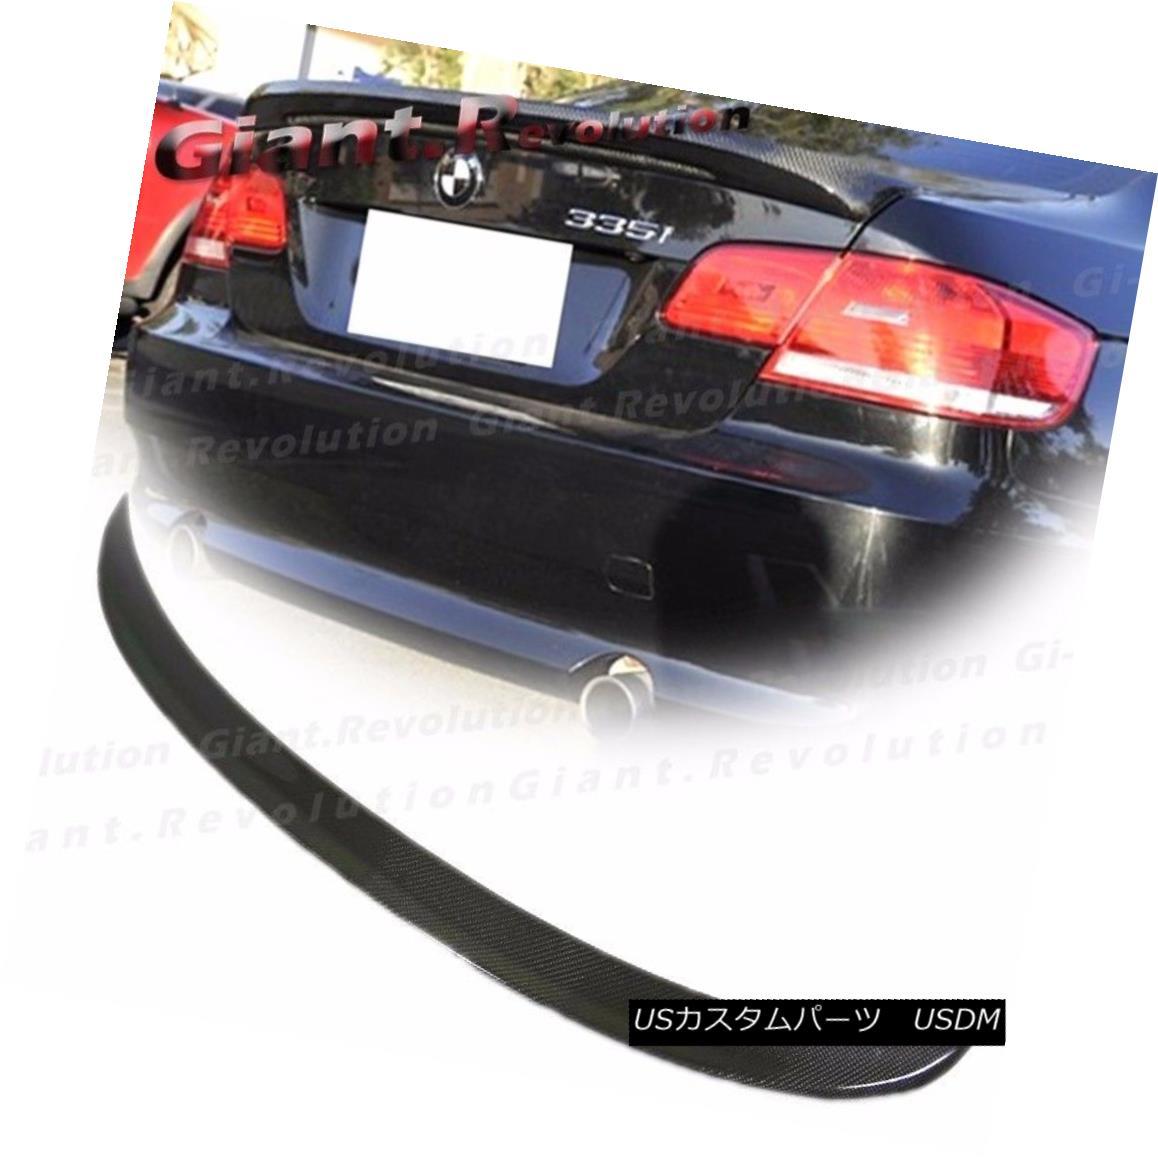 エアロパーツ Carbon Fiber M Tech Rear Trunk Spoiler For BMW 07-13 E92 3-Series Coupe 328i M3 BMW 07-13 E92用カーボンファイバーMテクノロジーリアトランク・スポイラー3シリーズ・クーペ328i M3